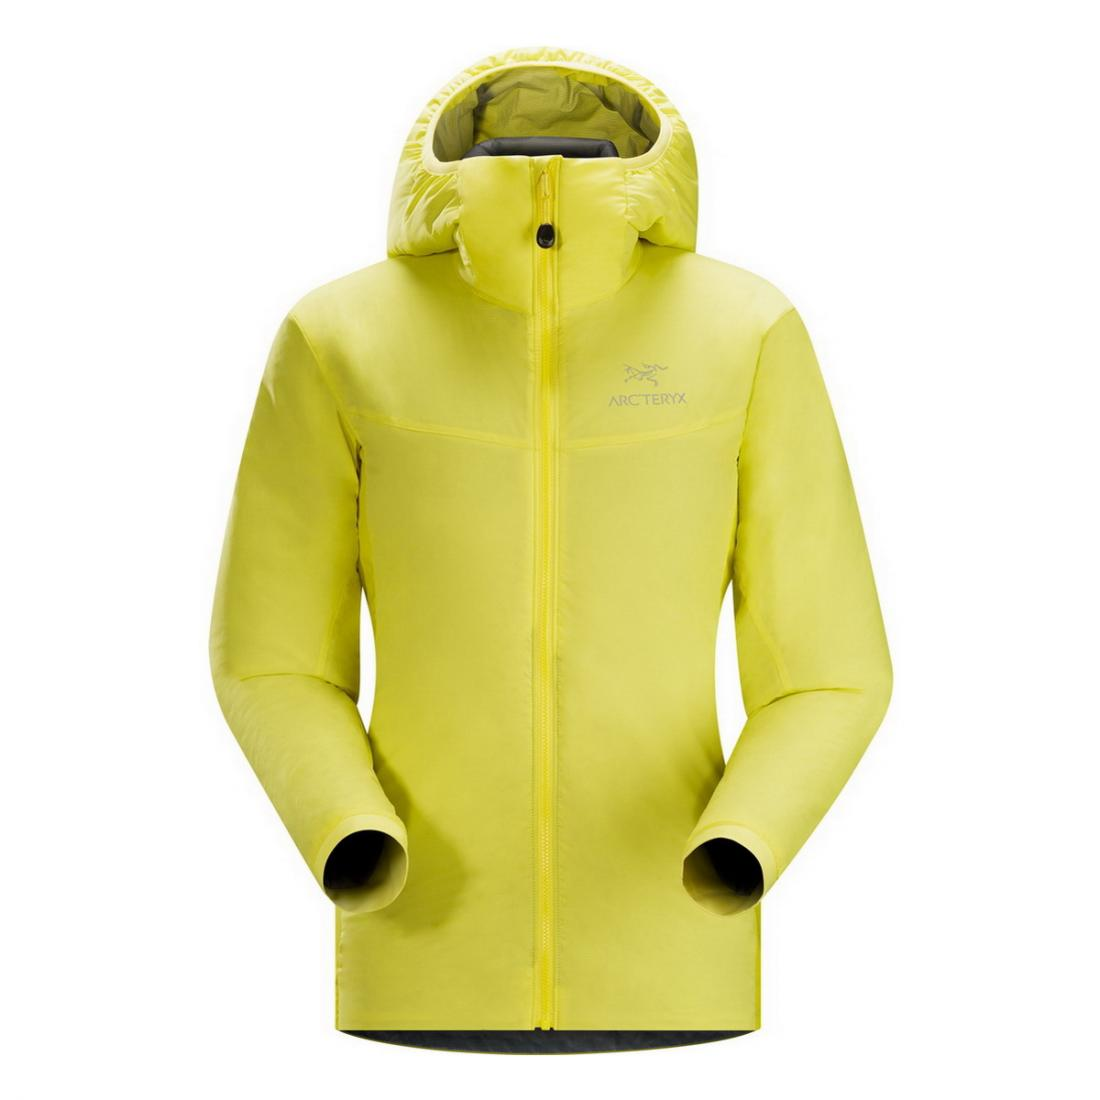 Куртка Atom LT Hoody жен.Куртки<br><br><br><br> Универсальная женская куртка Arcteryx Atom LT Hoody – оптимальный вариант для занятий зимними активными видами спорта и походов. Очень легкая и теплая, она дарит комфорт и не сковывает движений.<br><br><br><br><br><br>Утеп...<br><br>Цвет: Лимонный<br>Размер: M